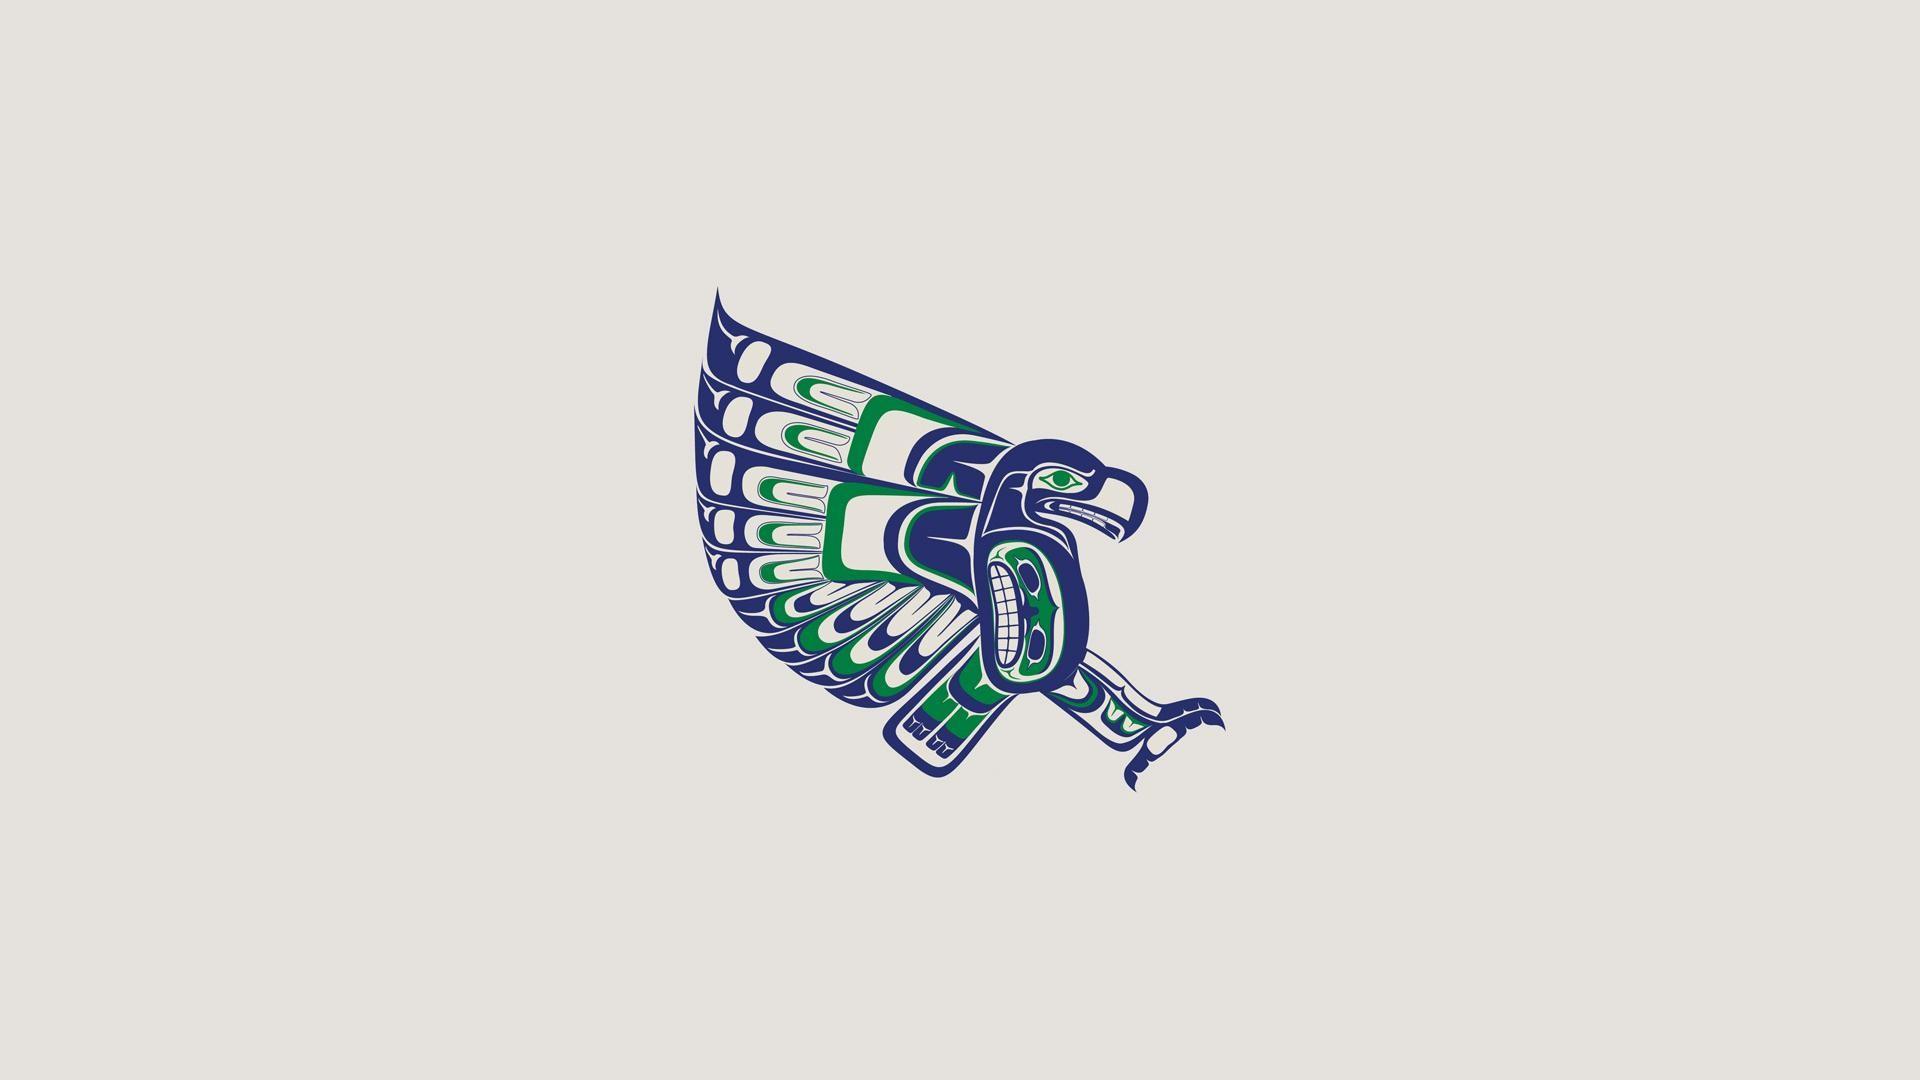 Image-for-Seahawks-Logo-wallpaper-wp4008342